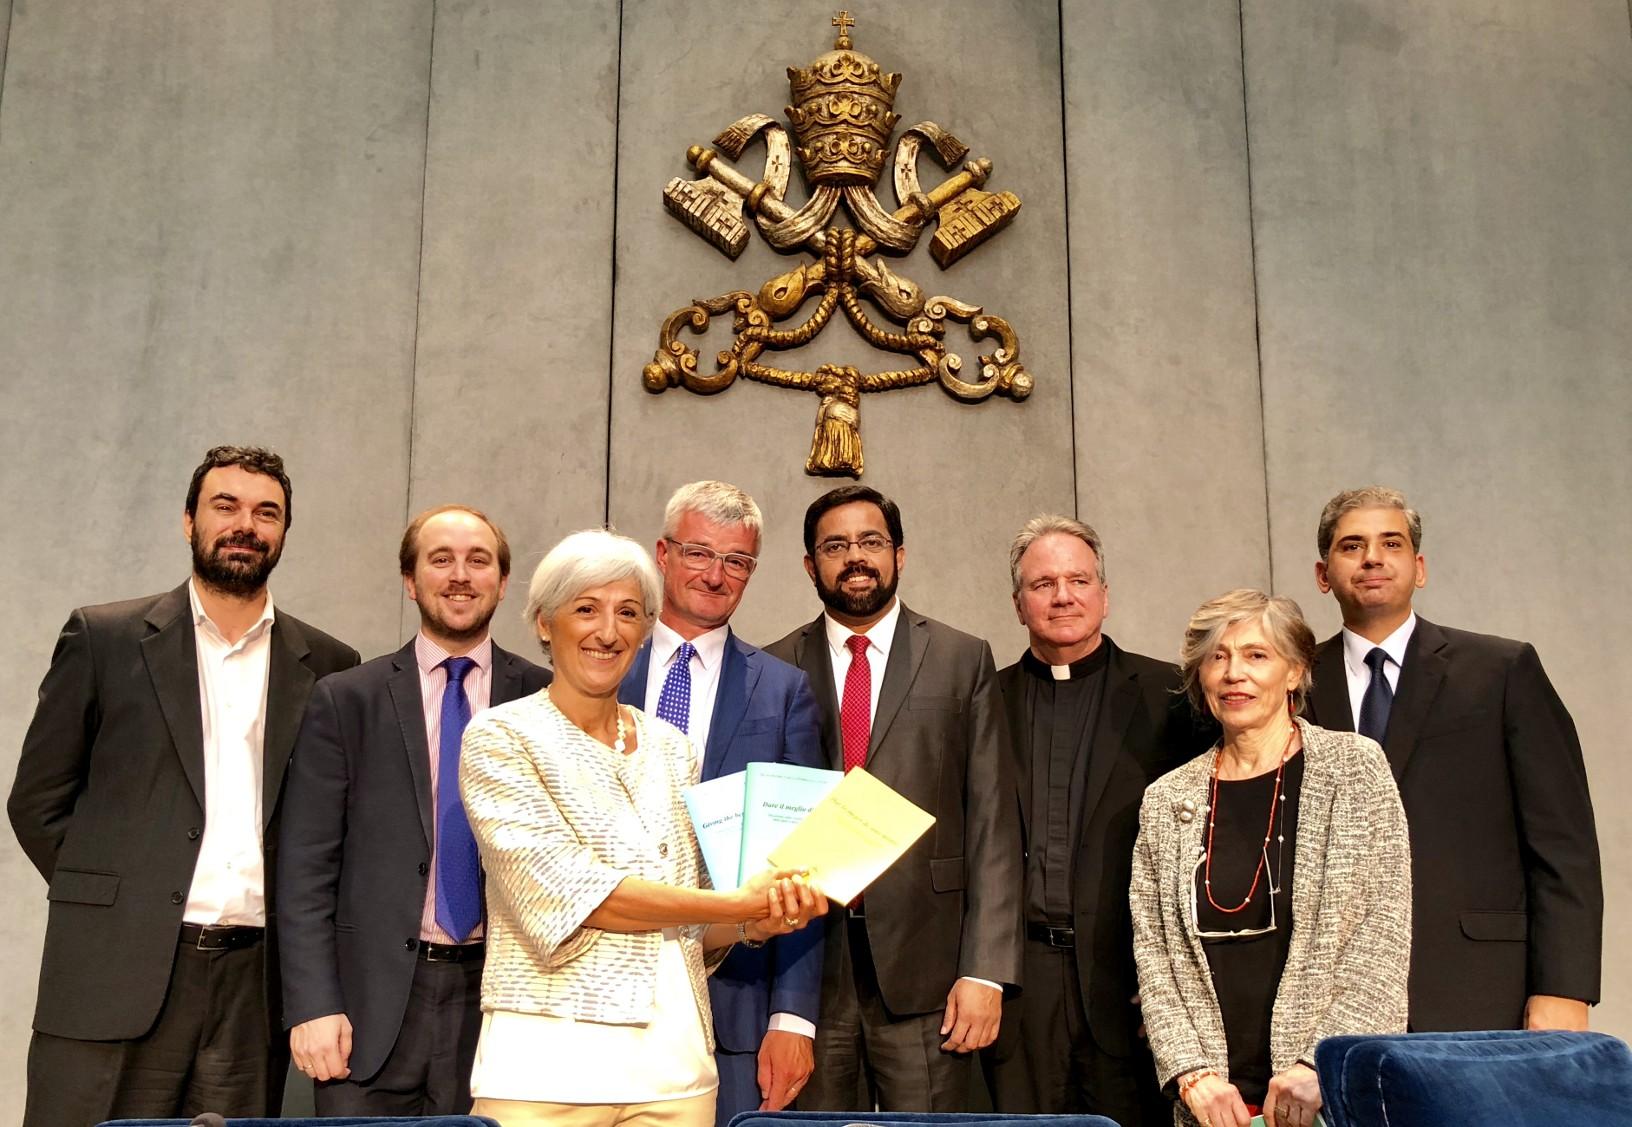 De auteurs van het Vaticaanse document over de sport, met als vierde van links prof. Dries Vanysacker van de KU Leuven